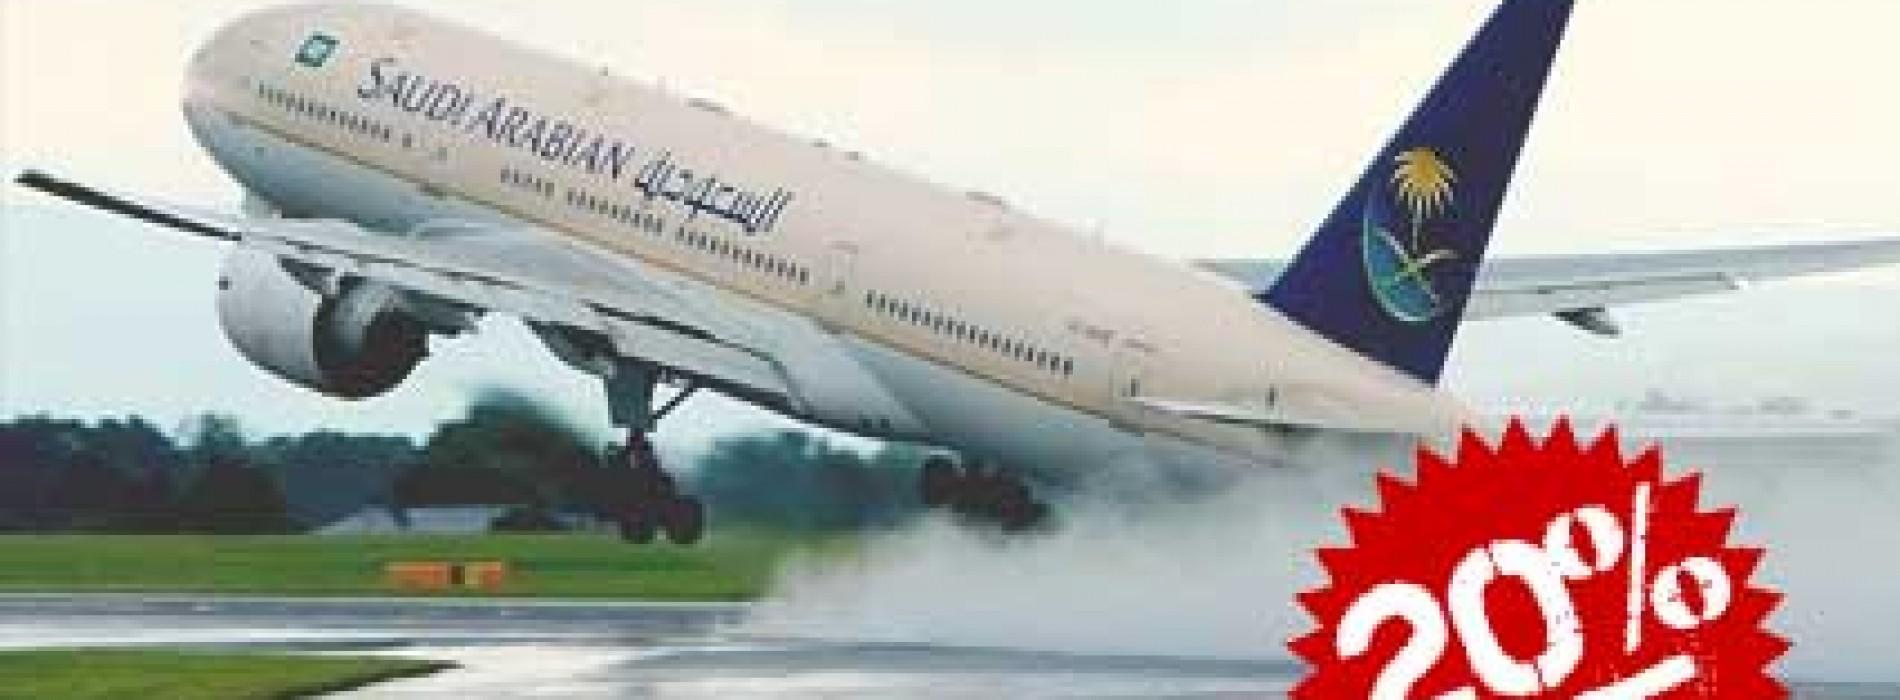 كوبون خصم حتى 20% على رحلات الخطوط السعودية لفترة محدودة